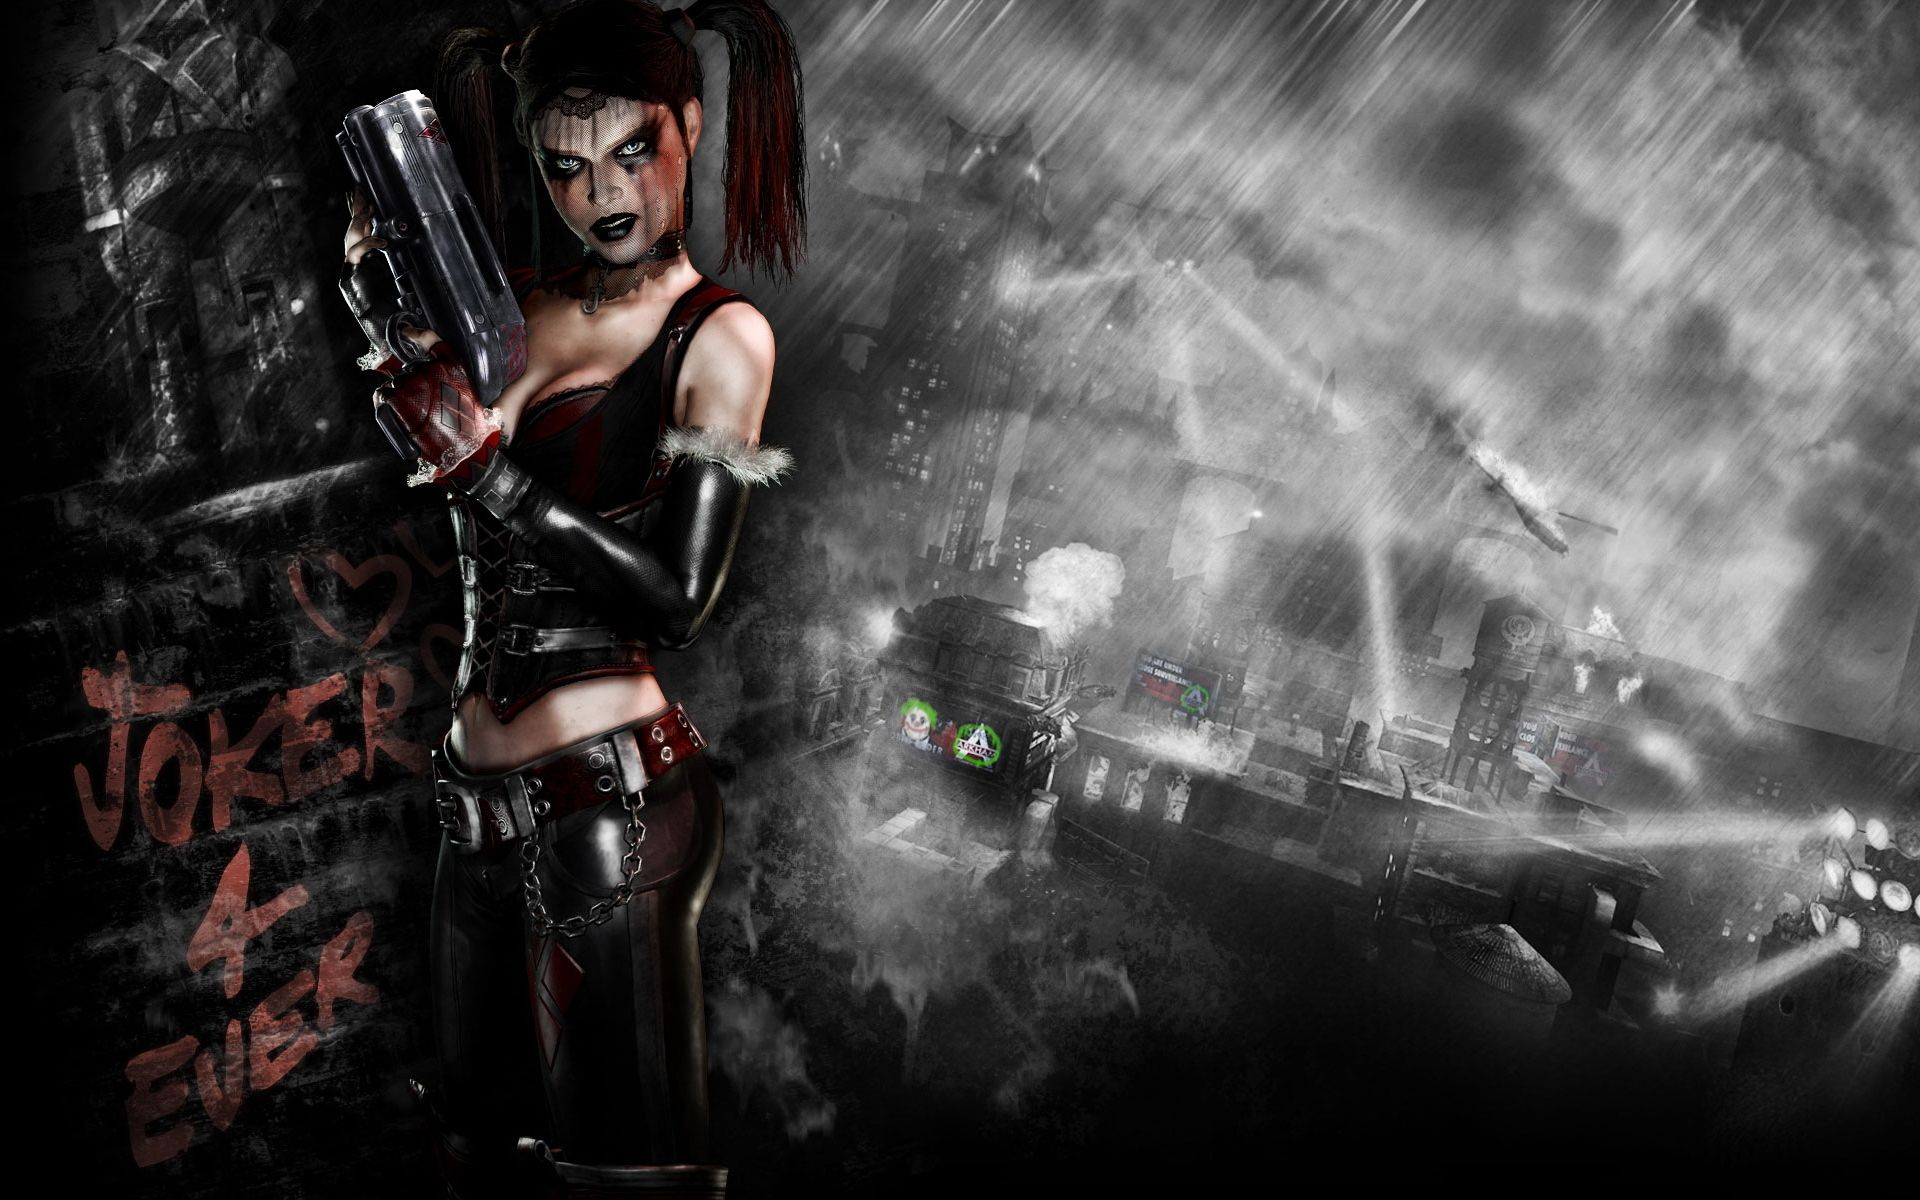 Good Wallpaper Mac Harley Quinn - 7401dd090f4616ee502497a3ba44c496  Trends_187549.jpg